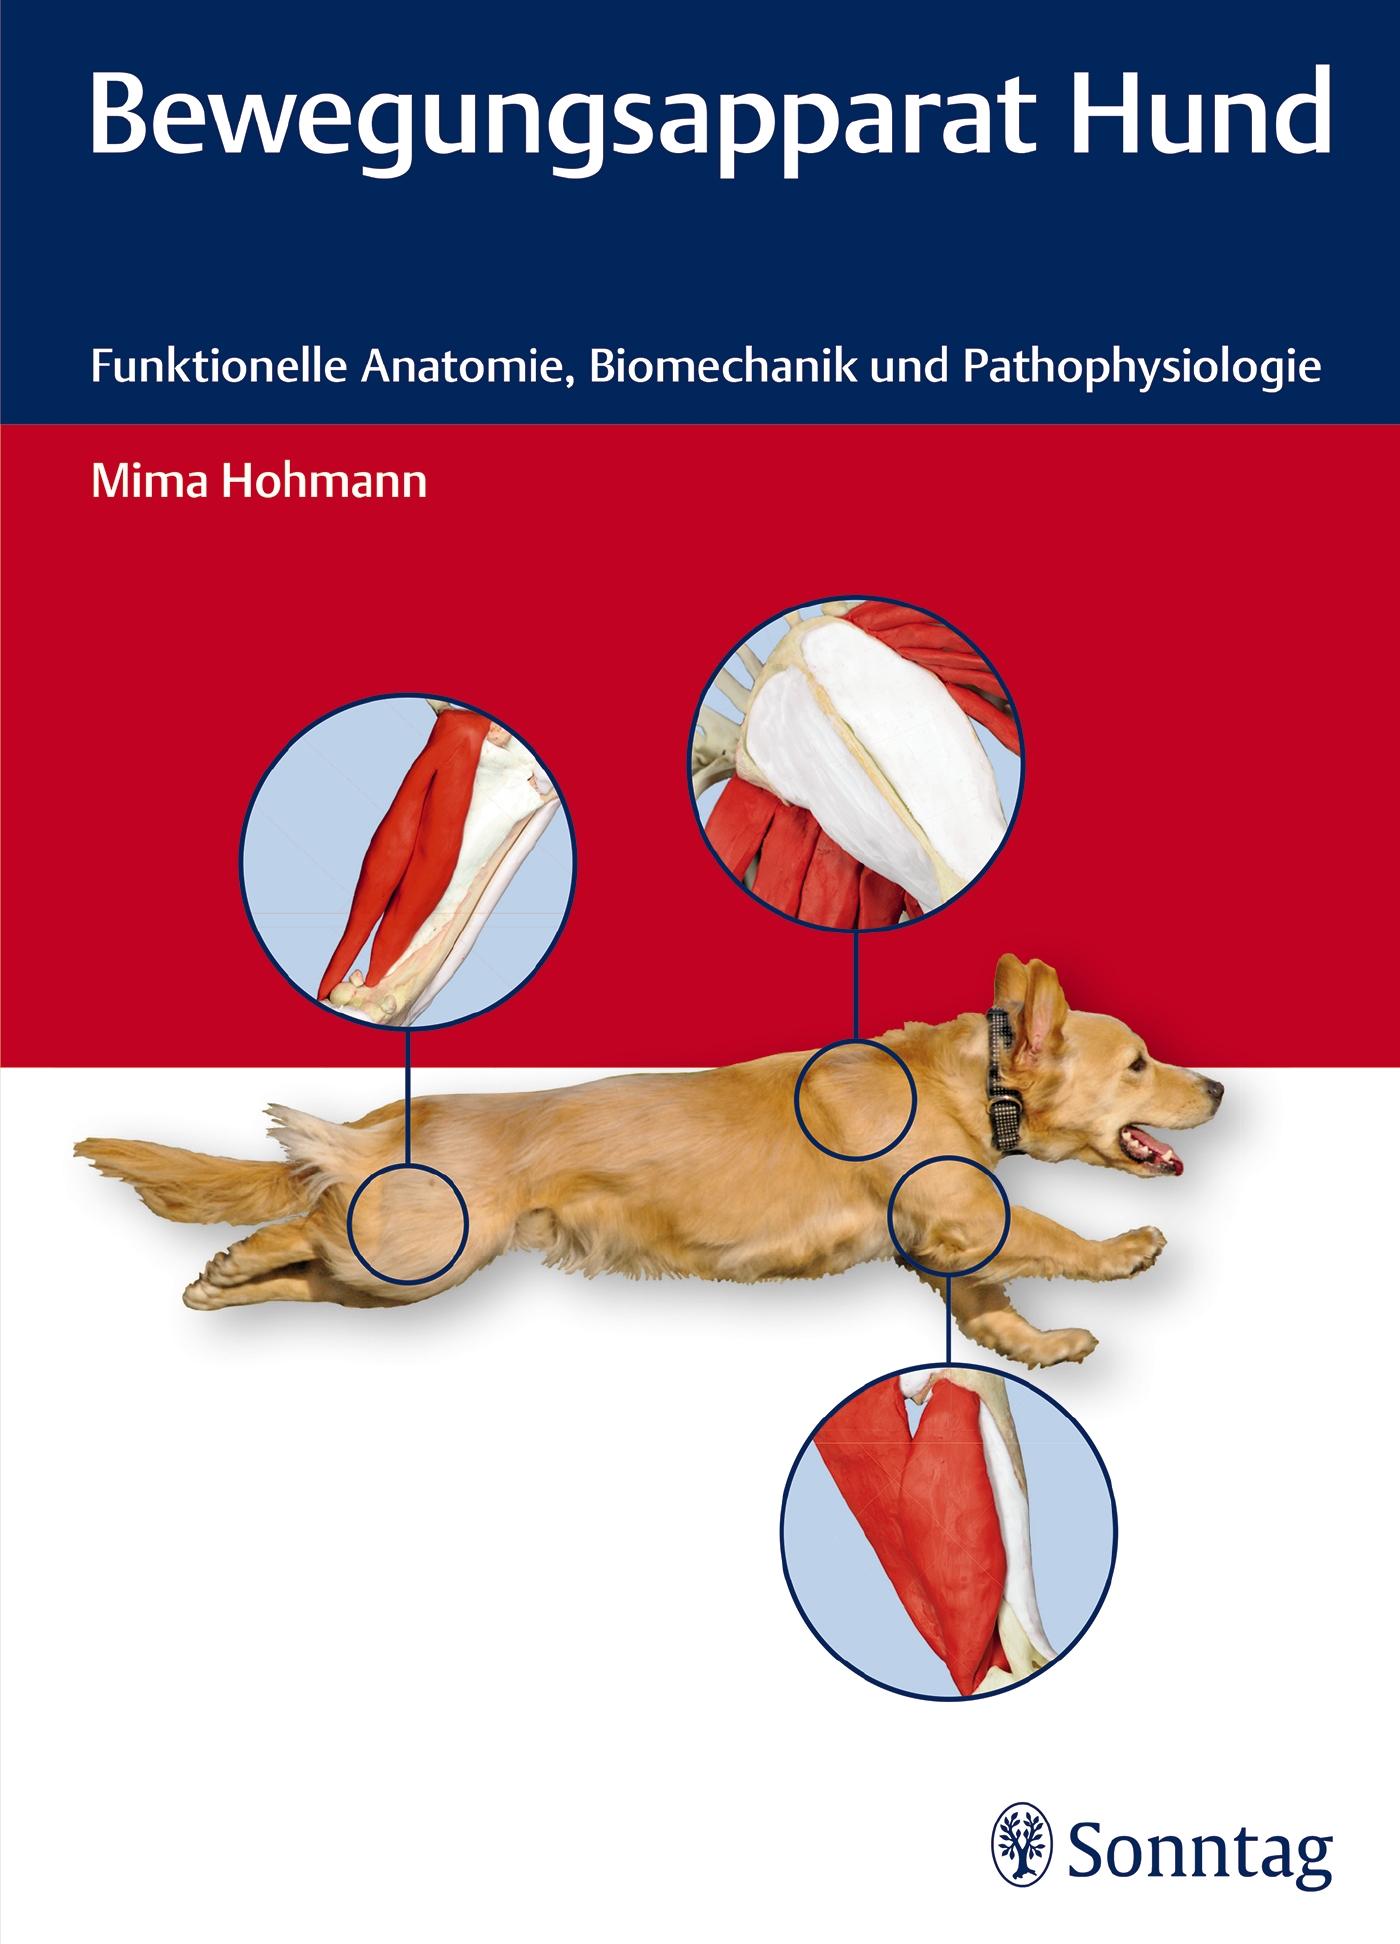 Bewegungsapparat Hund: Funktionelle Anatomie, Biomechanik und Pathophysiologie - Hohmann, Mima